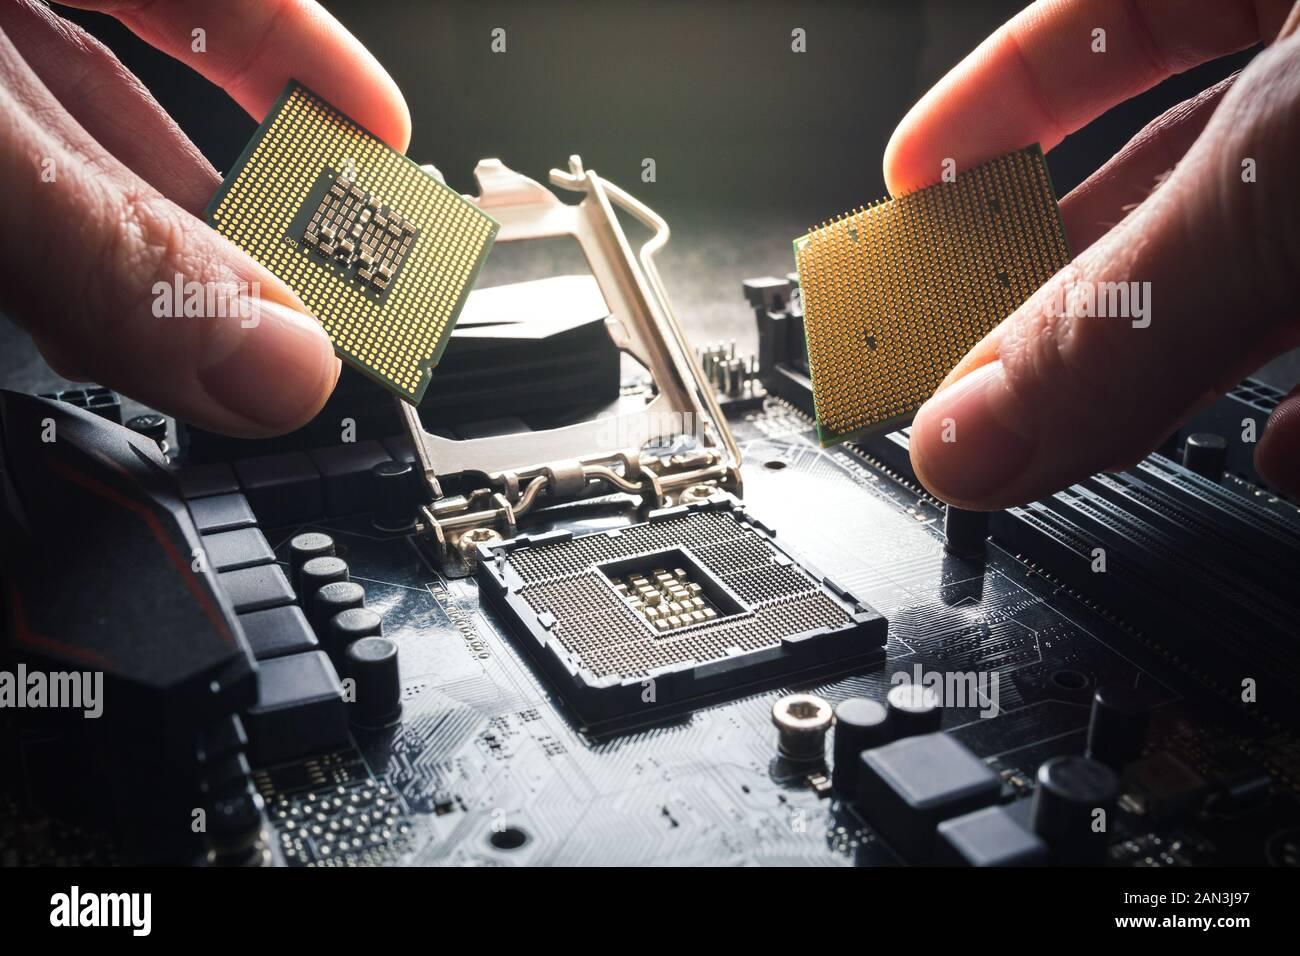 Les mains montrent différents processeurs. Deux CPU contre l'arrière-plan de la carte mère. Le choix du processeur, l'avantage de la marque et Banque D'Images